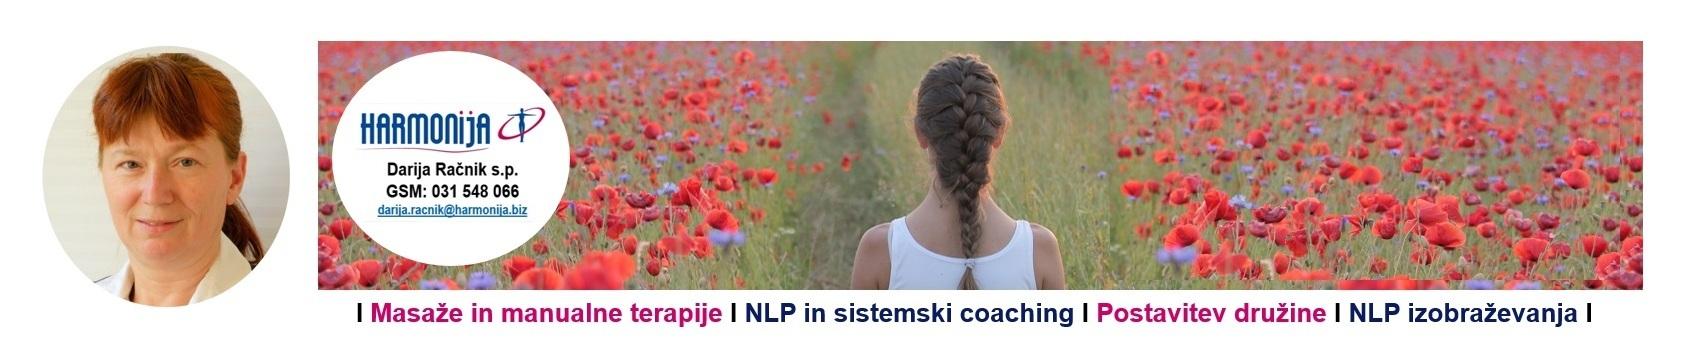 www.bownovaterapija.net